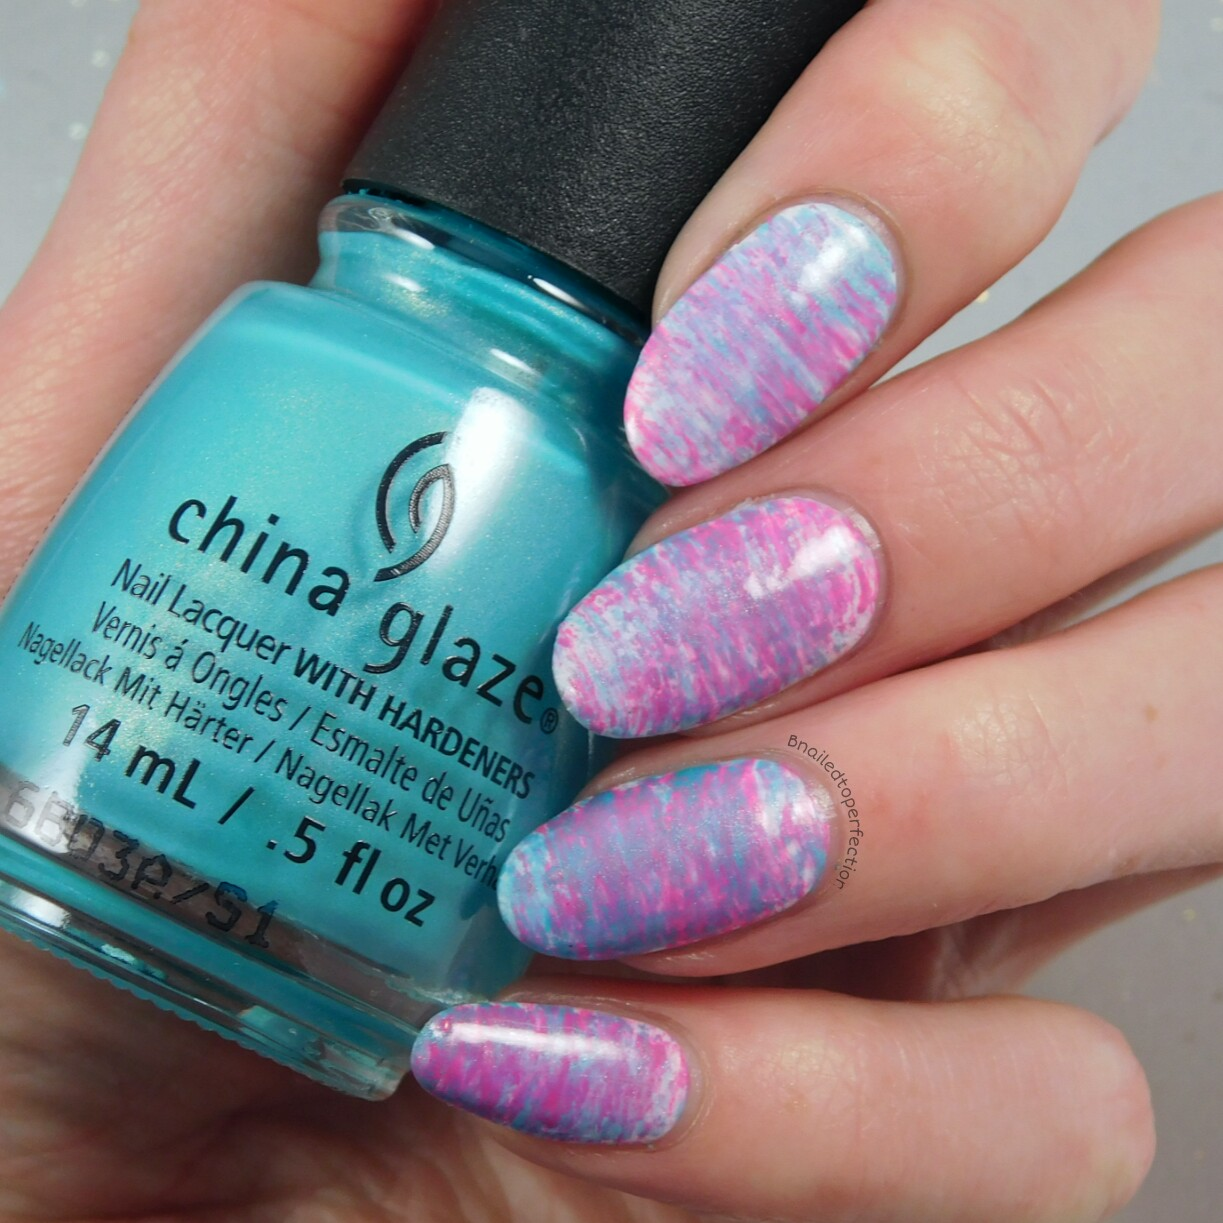 B Nailed To Perfection 40 Great Nail Art Ideas Pink And Aqua